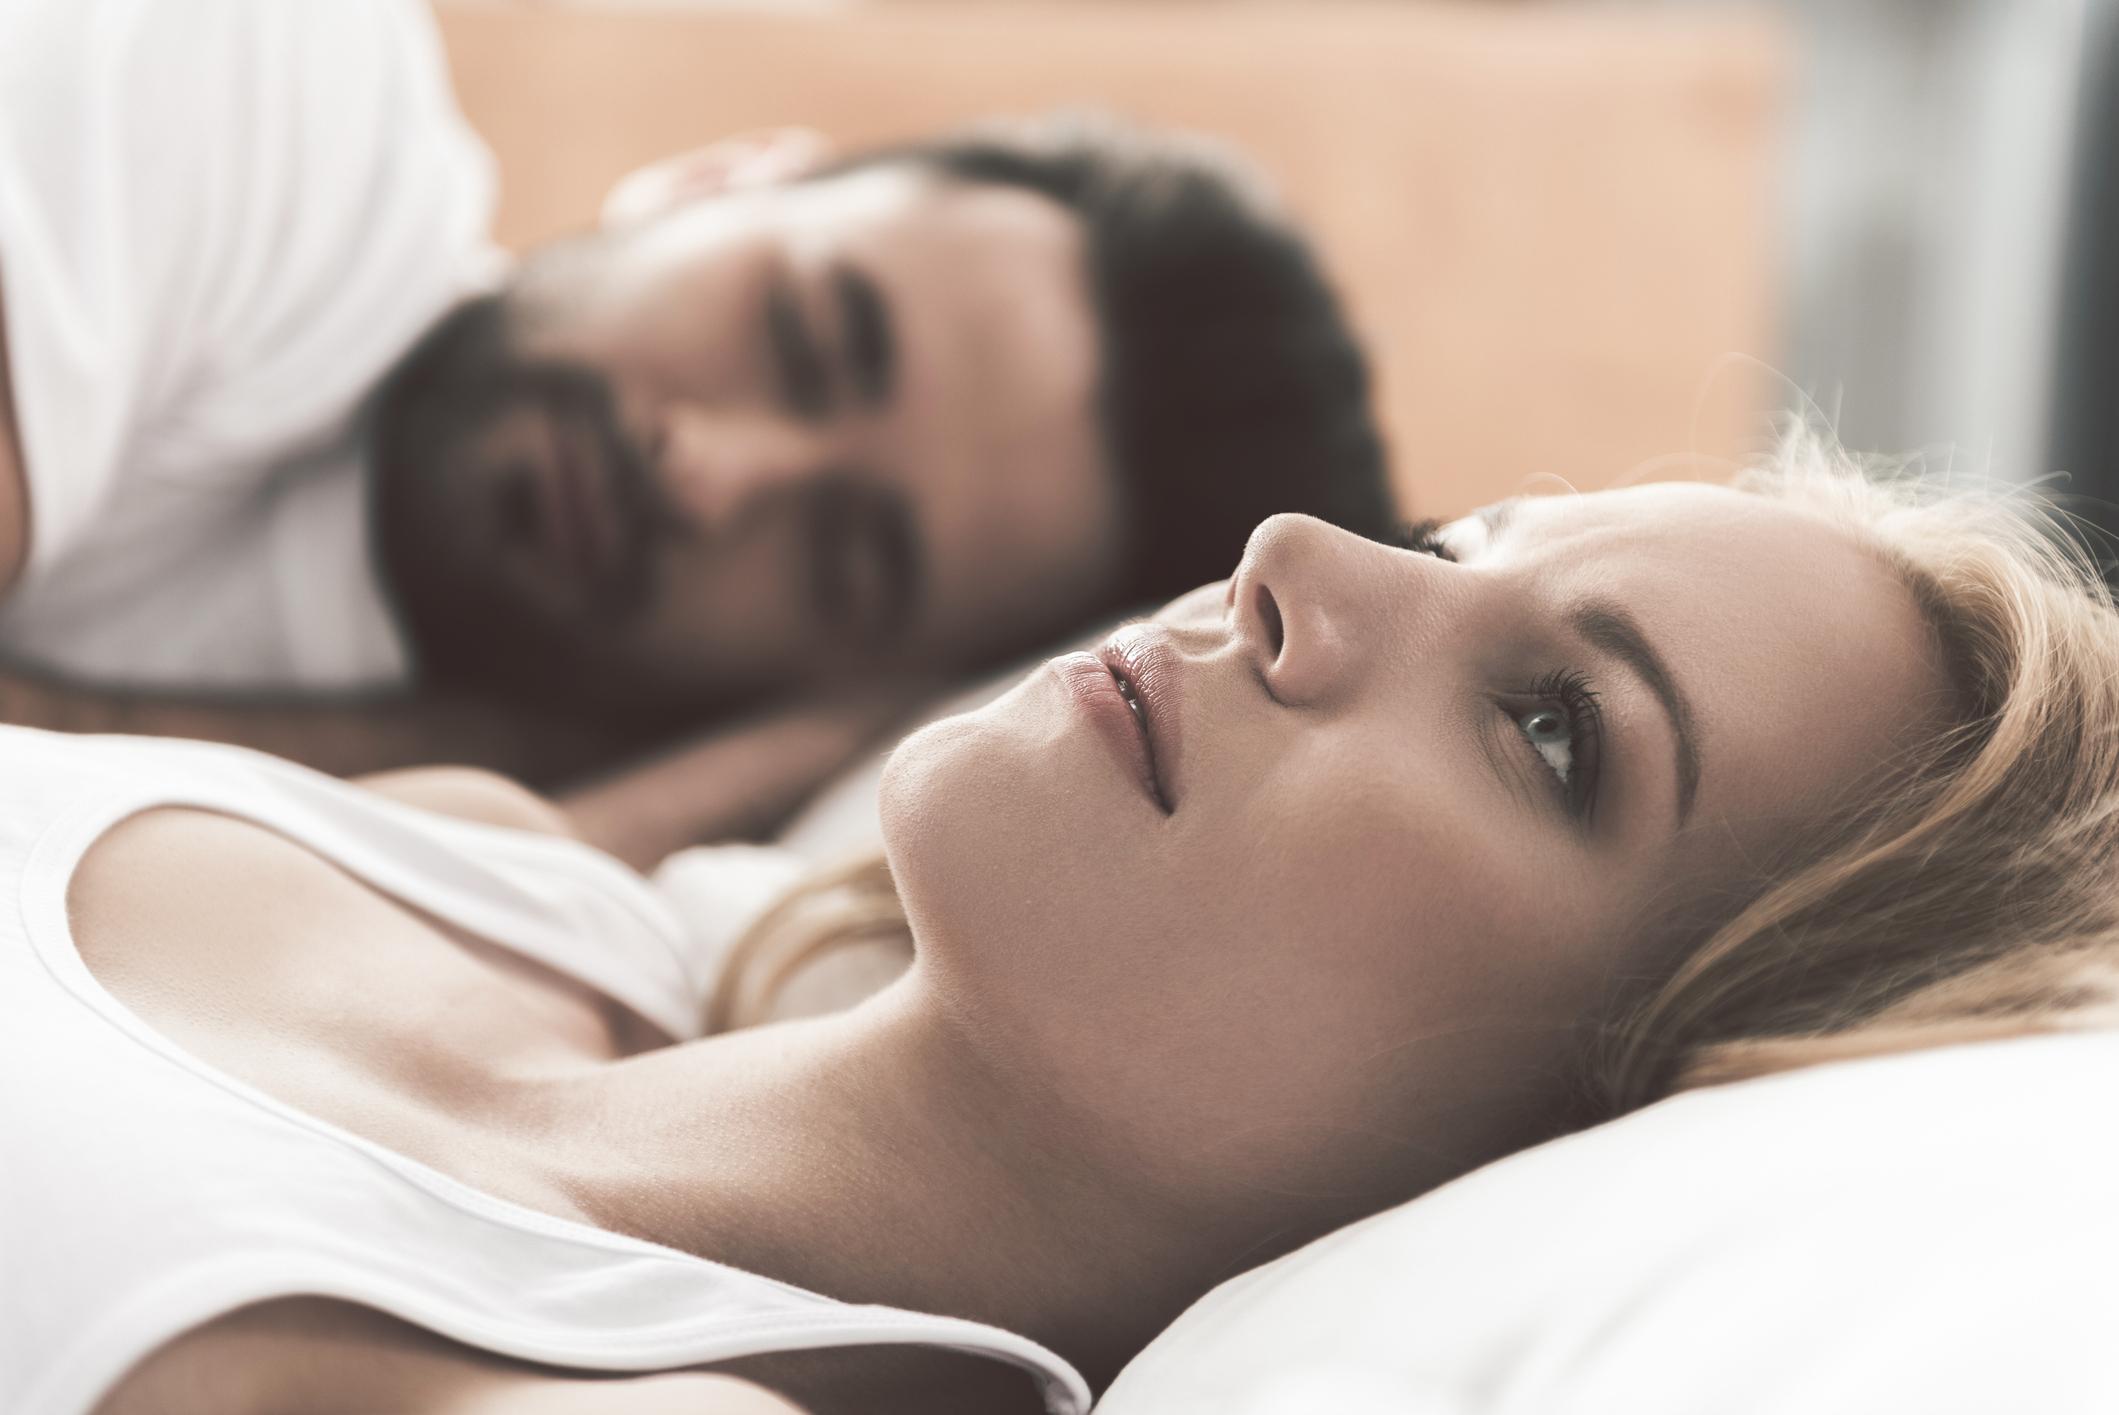 chlupatý zralé asijské porno